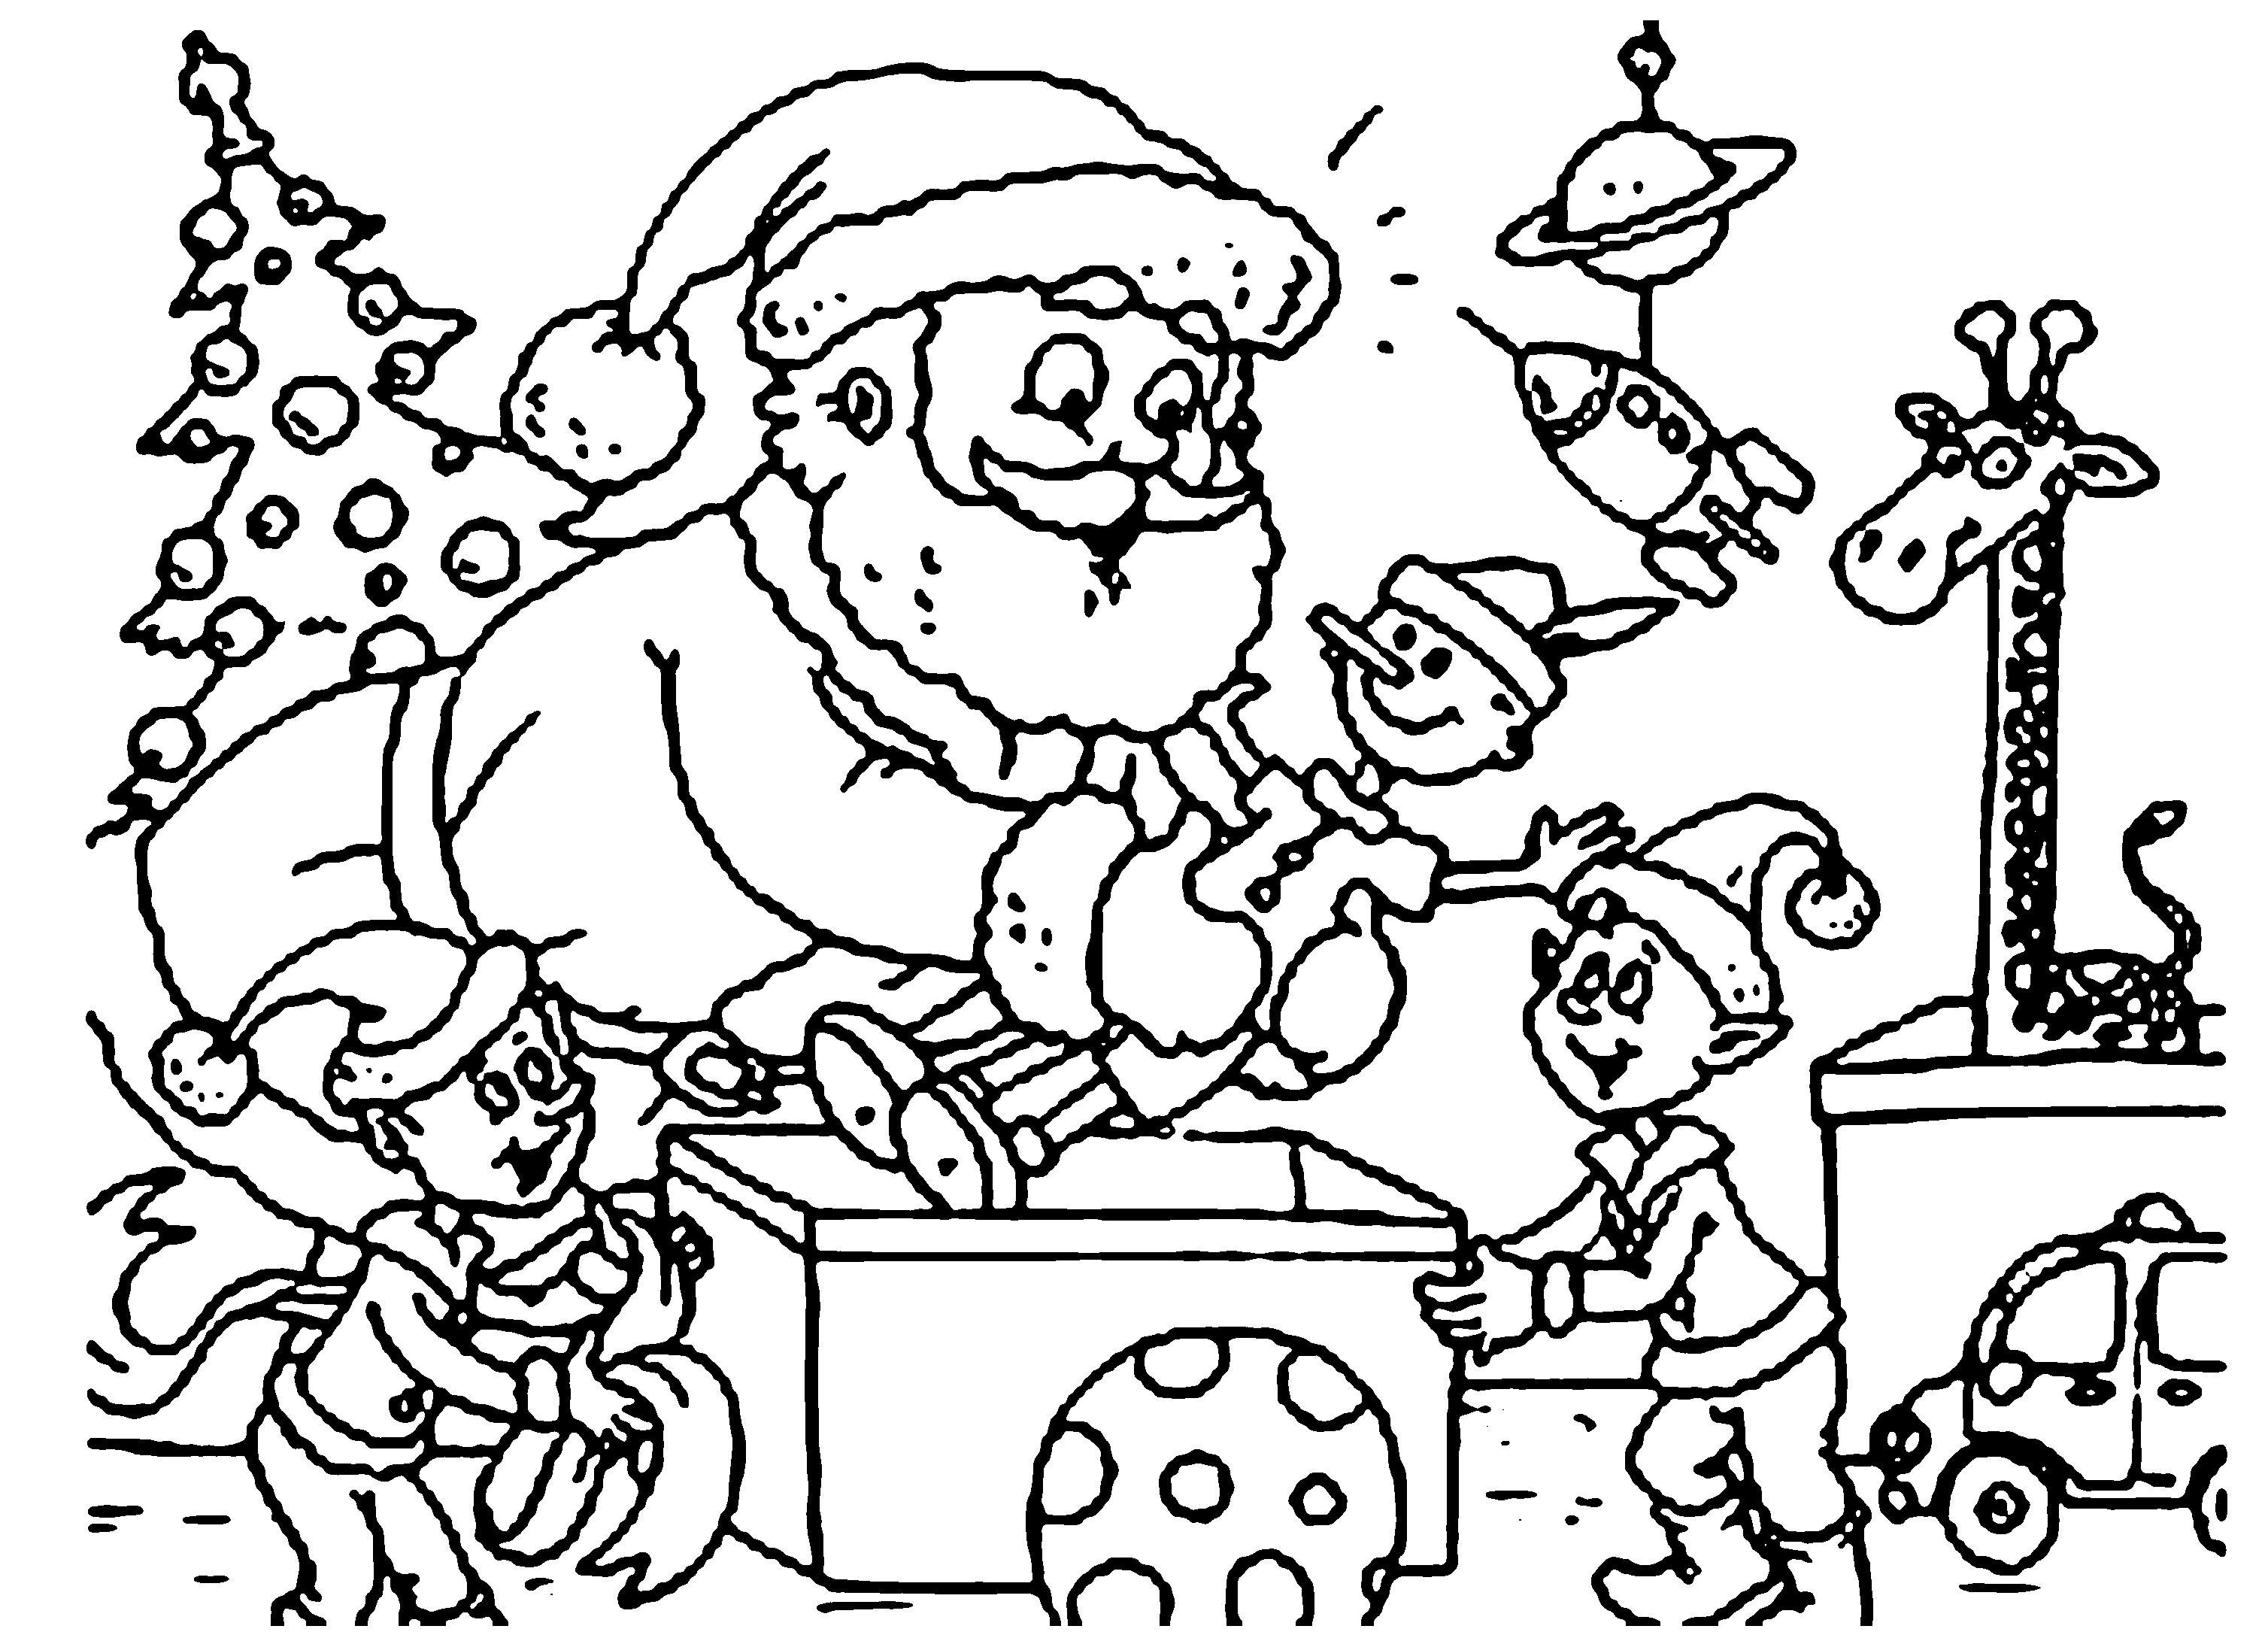 Санта клаус и эльф делают подарки игрушки к новому году Раскраска зима пришла